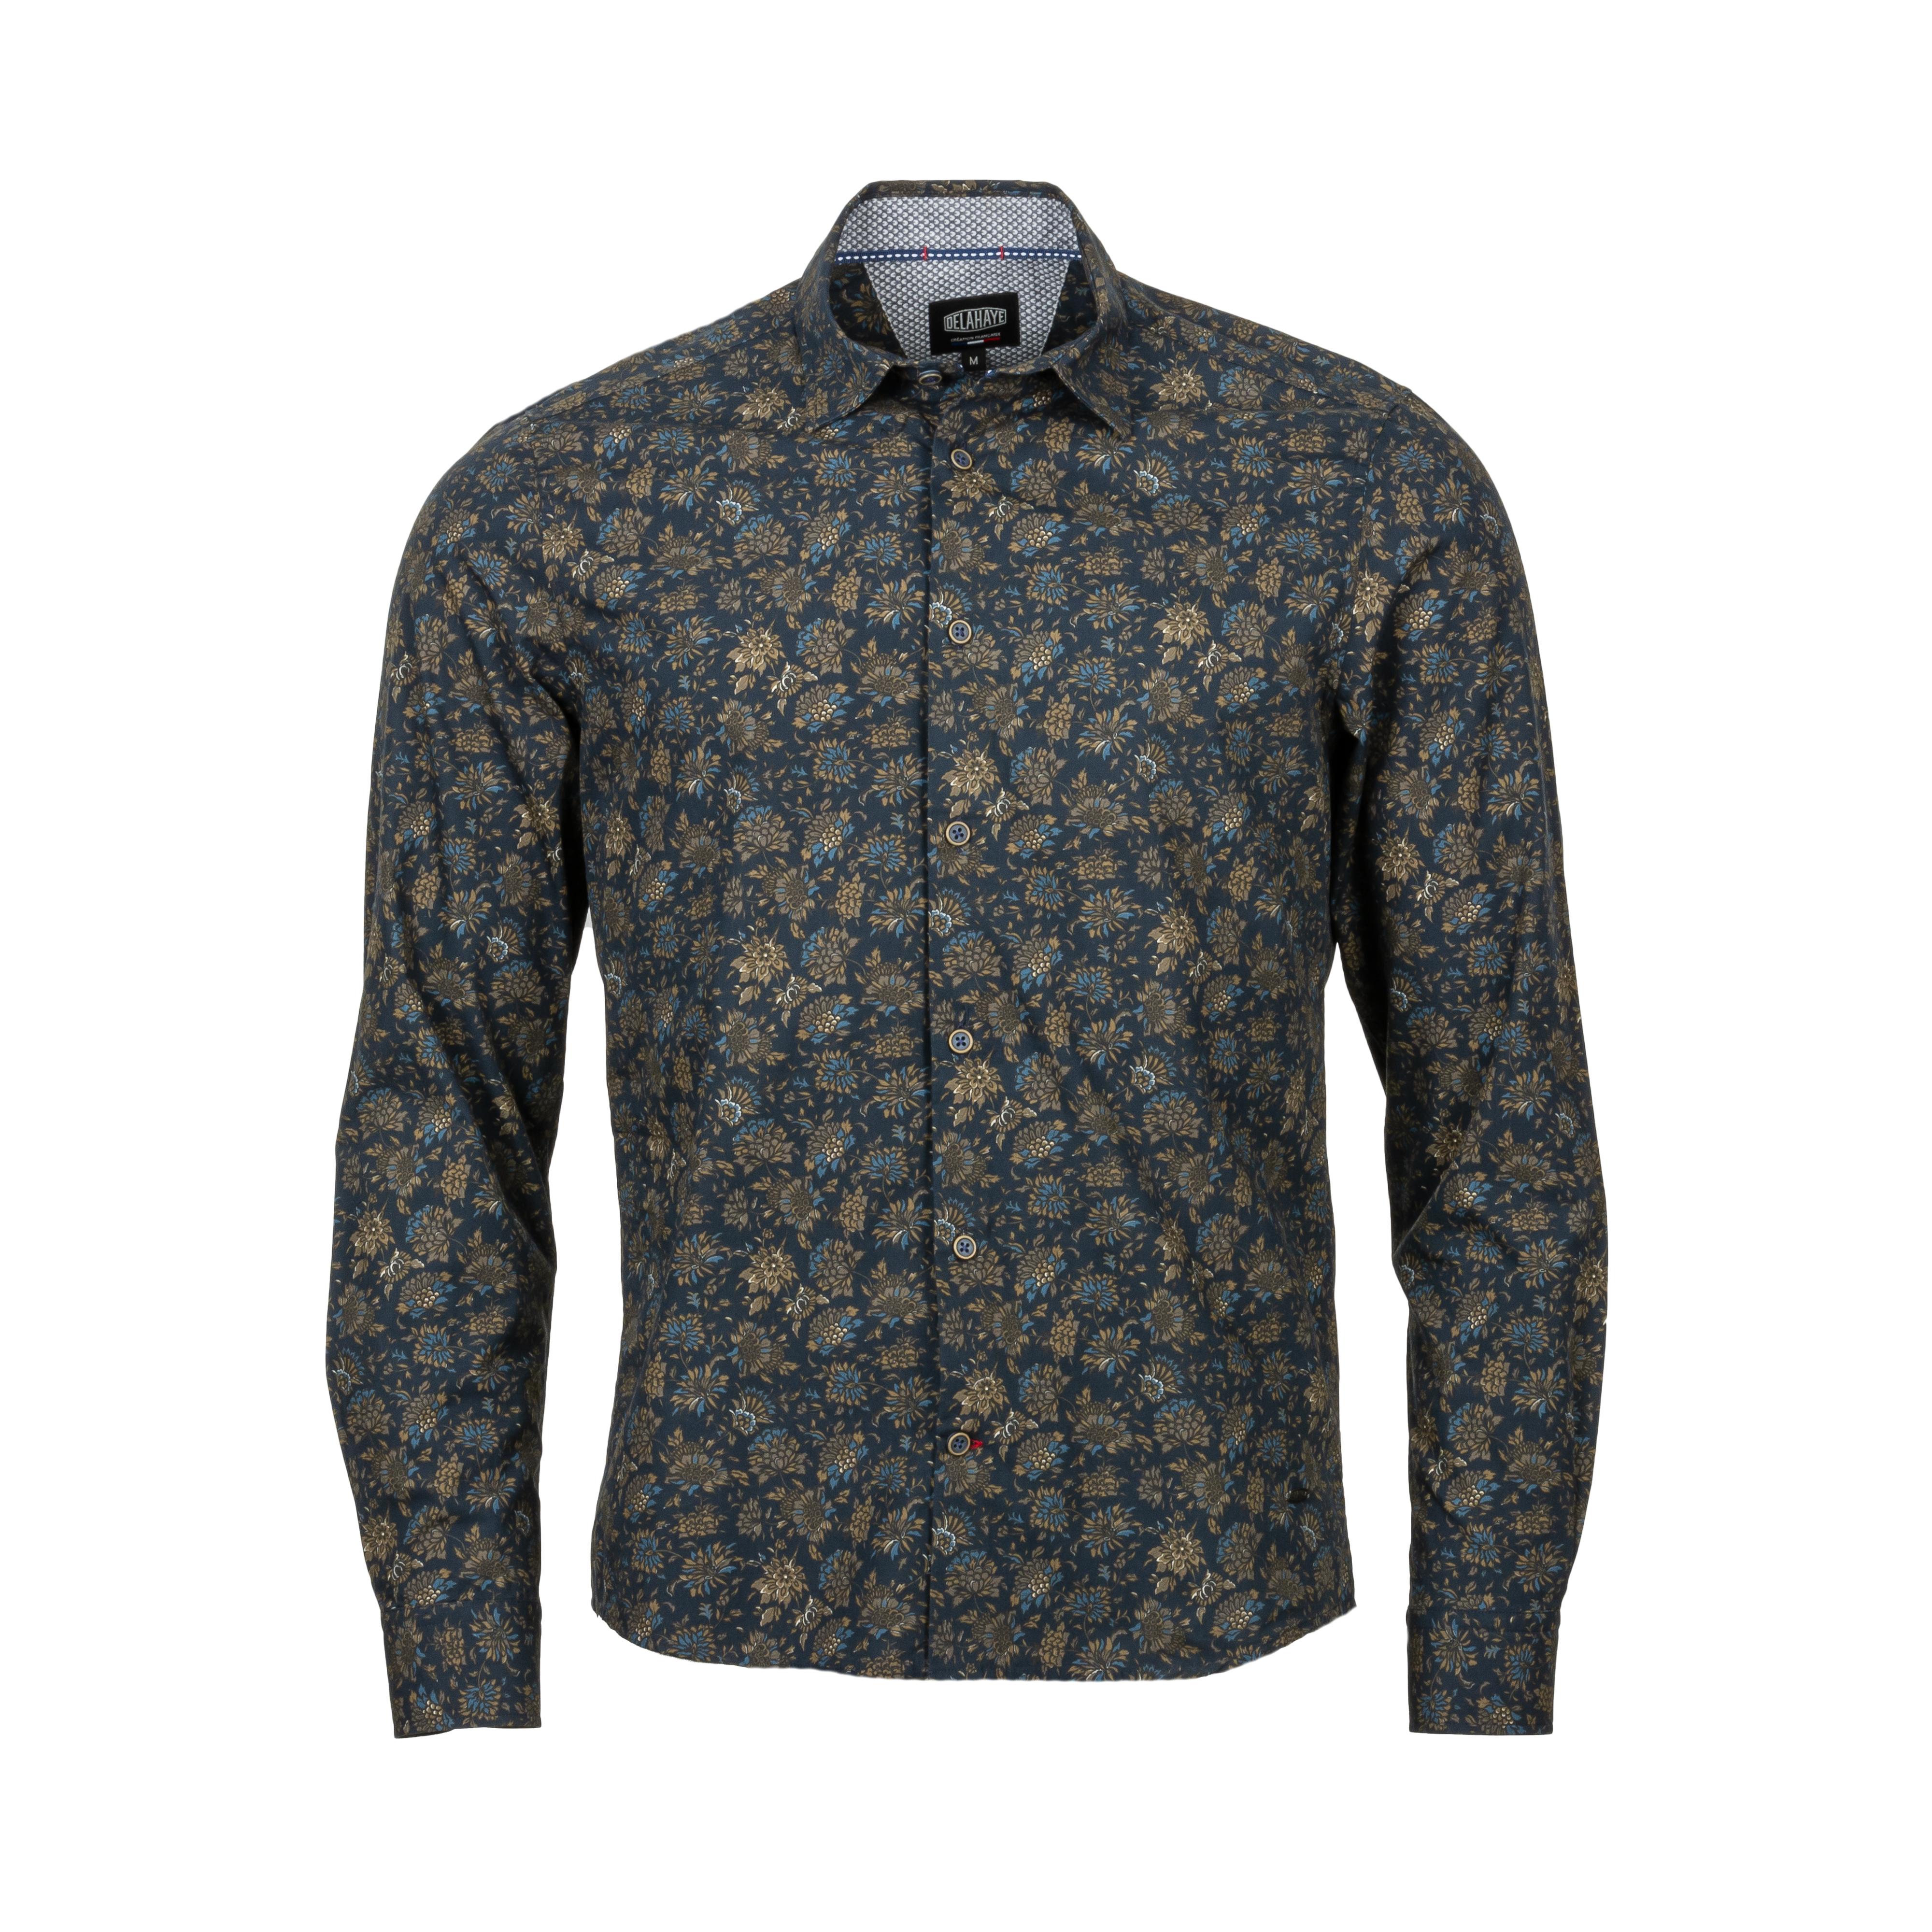 Chemise ajustée Delahaye en coton bleu marine à motifs fleuris